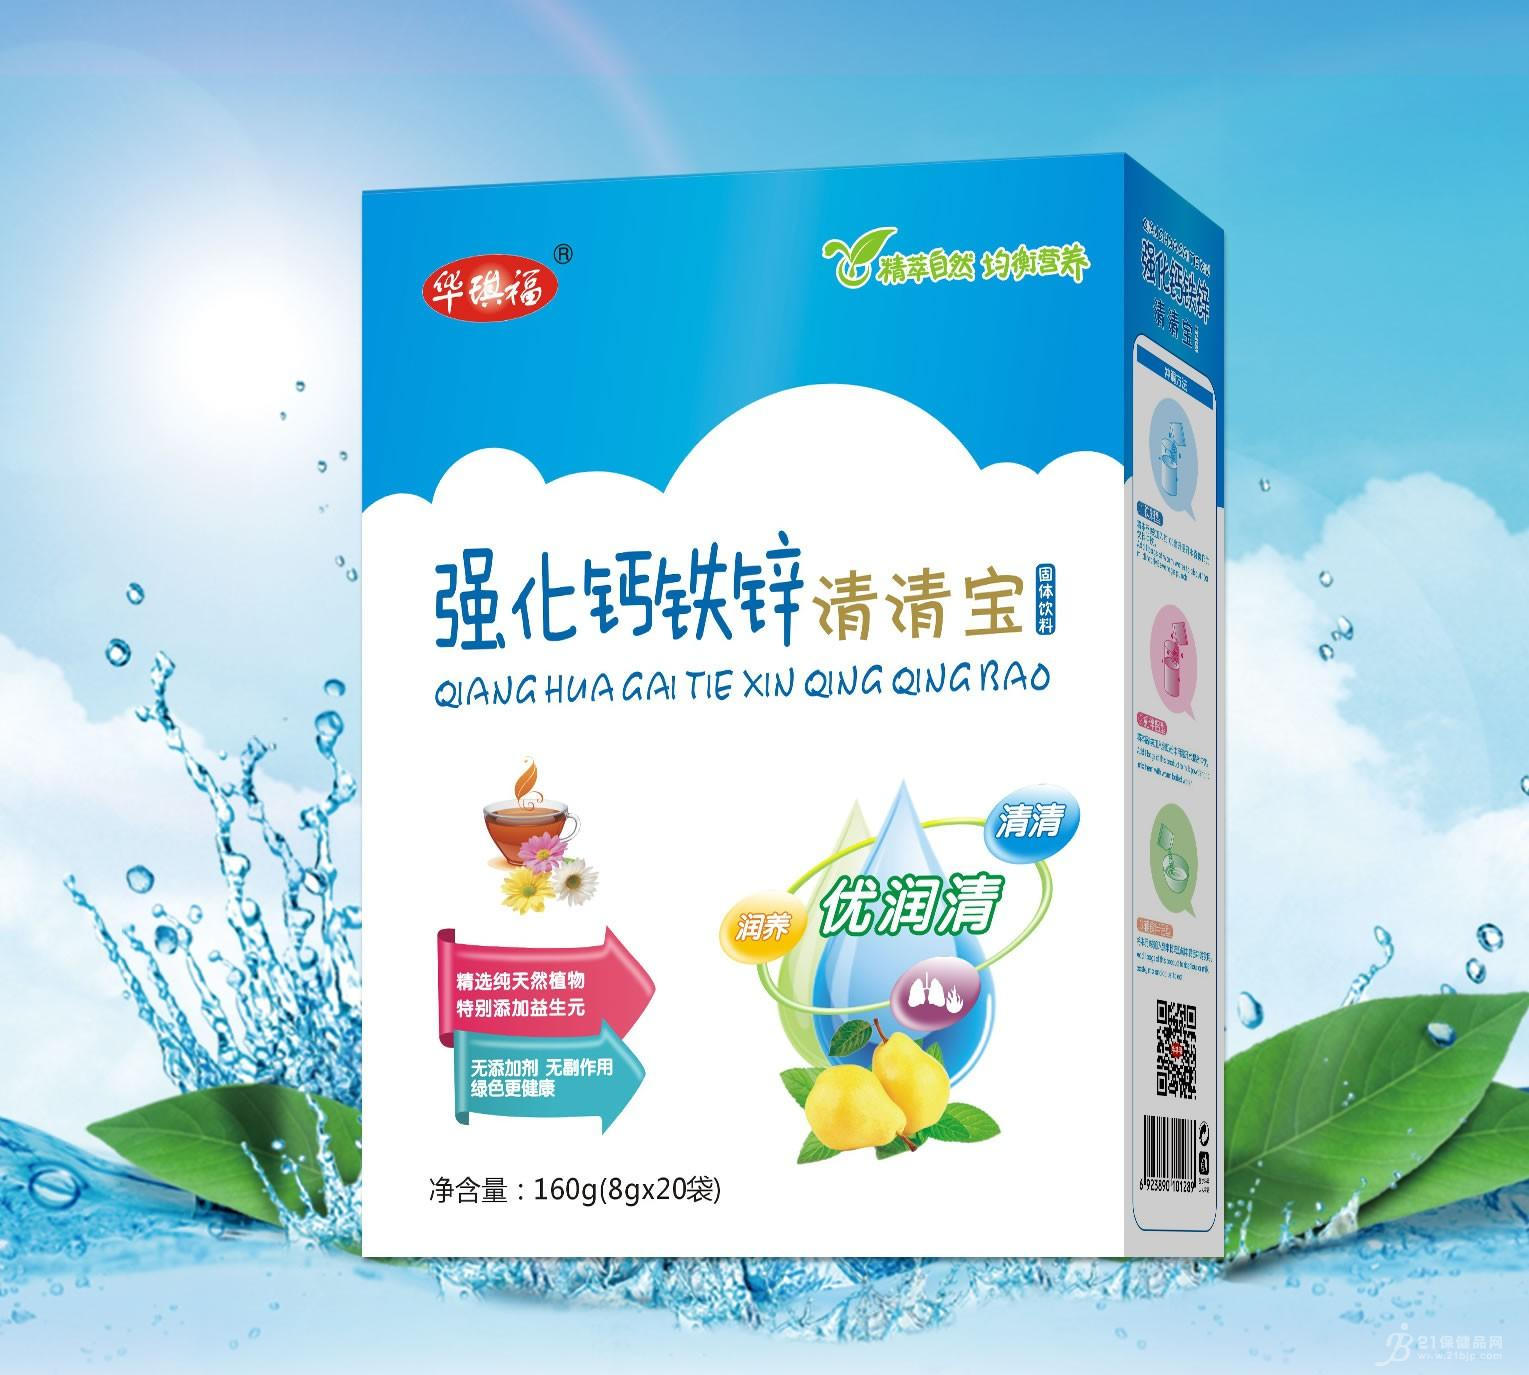 华琪福 强化钙铁锌清清宝招商